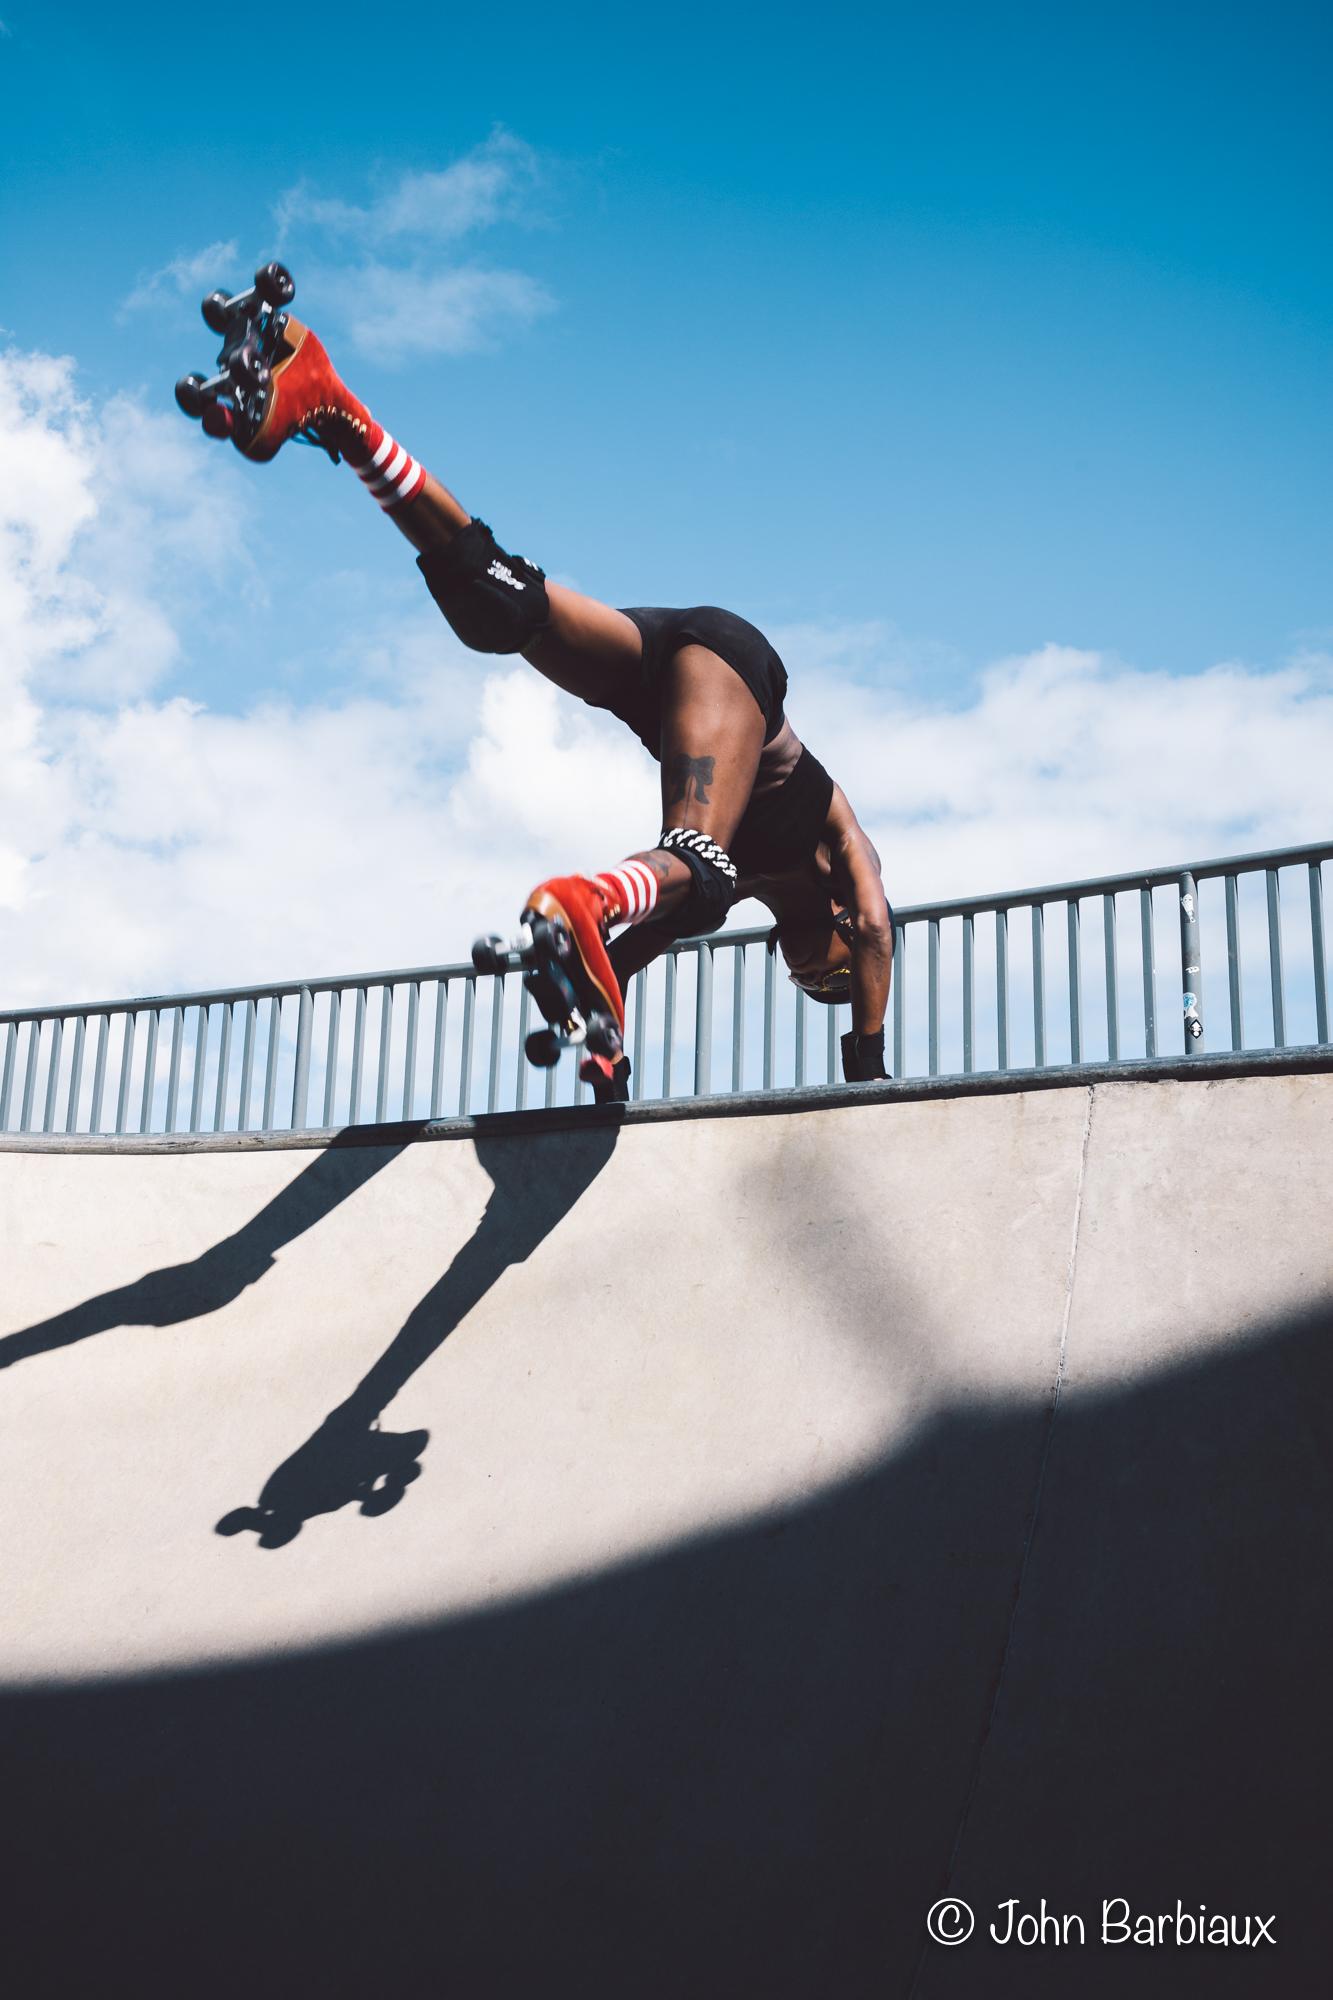 rollerskating, skate park, Lynch family skatepark, street photography, vsco, Leica m, Leica m10p, urban